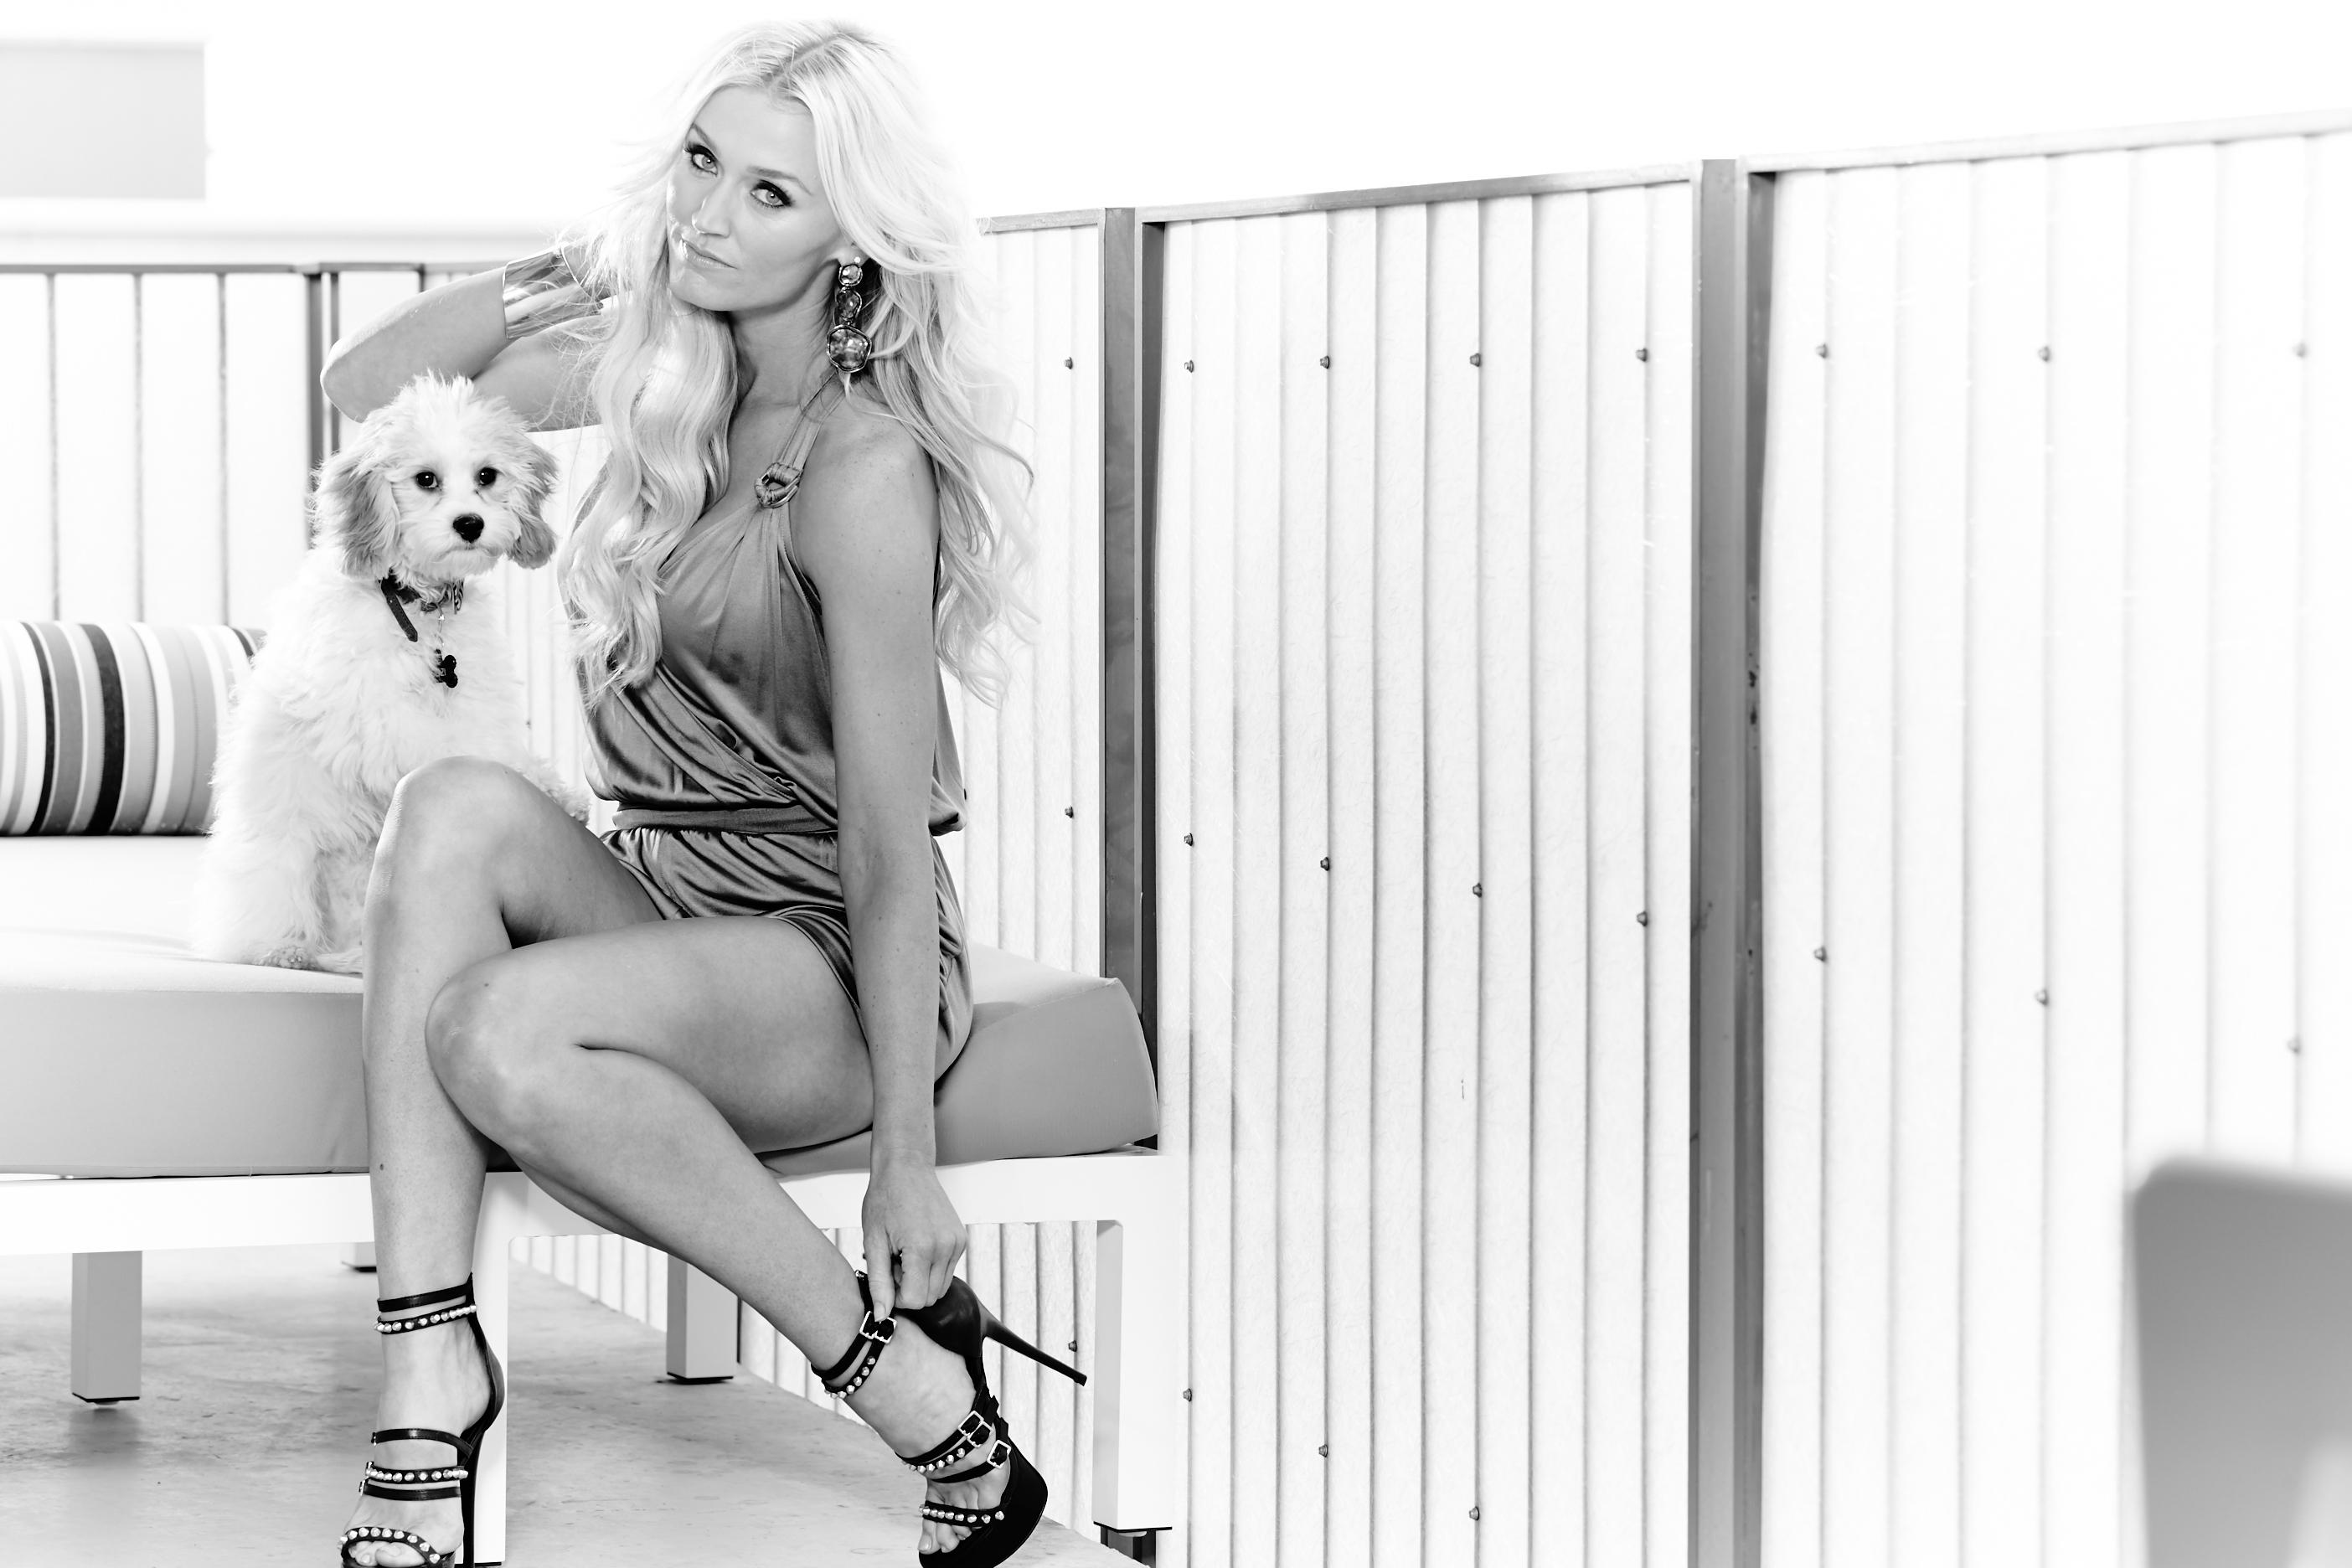 Blair O'Neal exclusive photo shoot